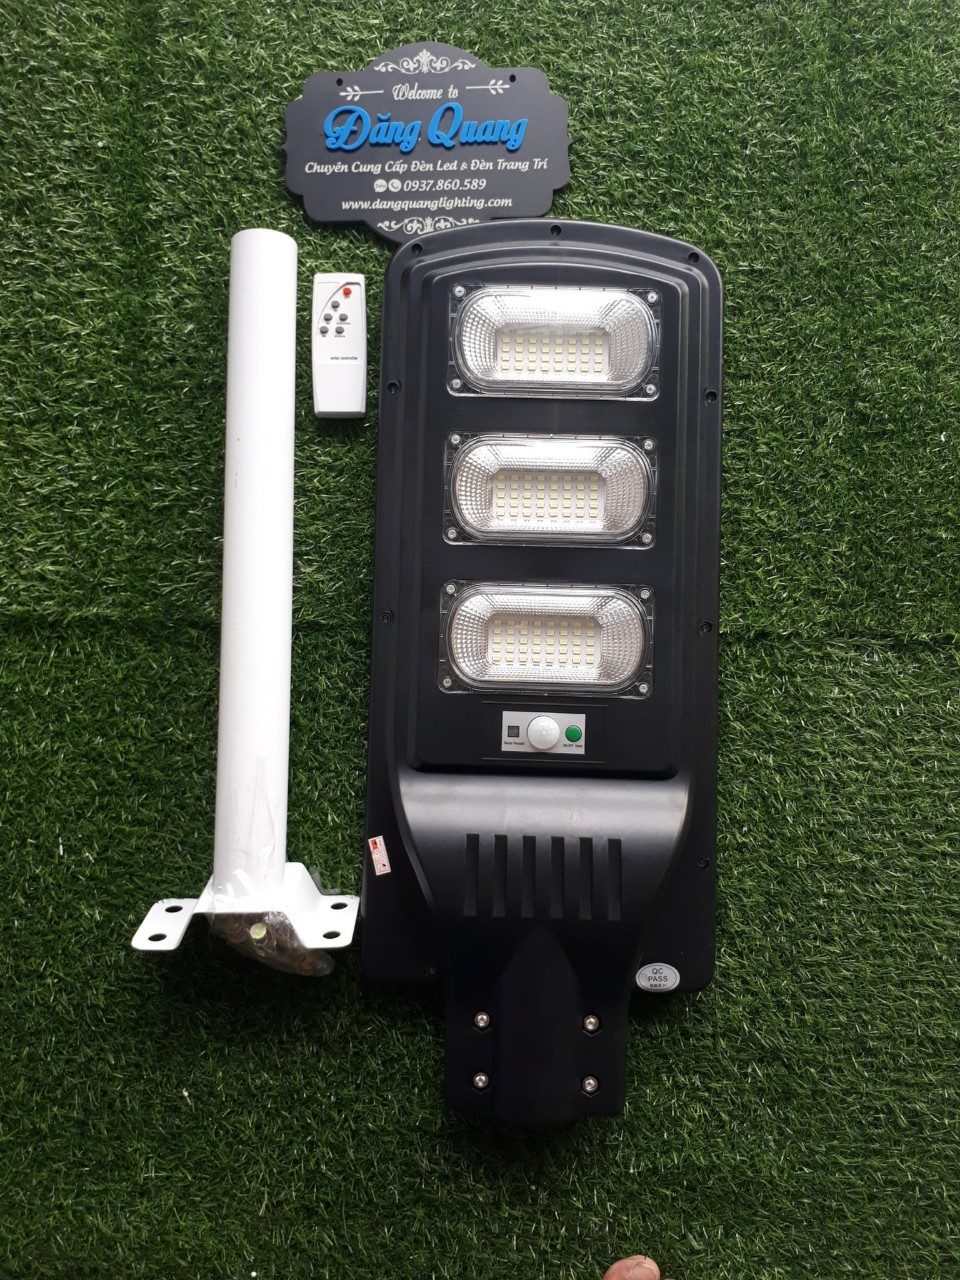 den nang luong mat troi lien the 90W - Đèn năng lượng mặt trời liền thể 90W